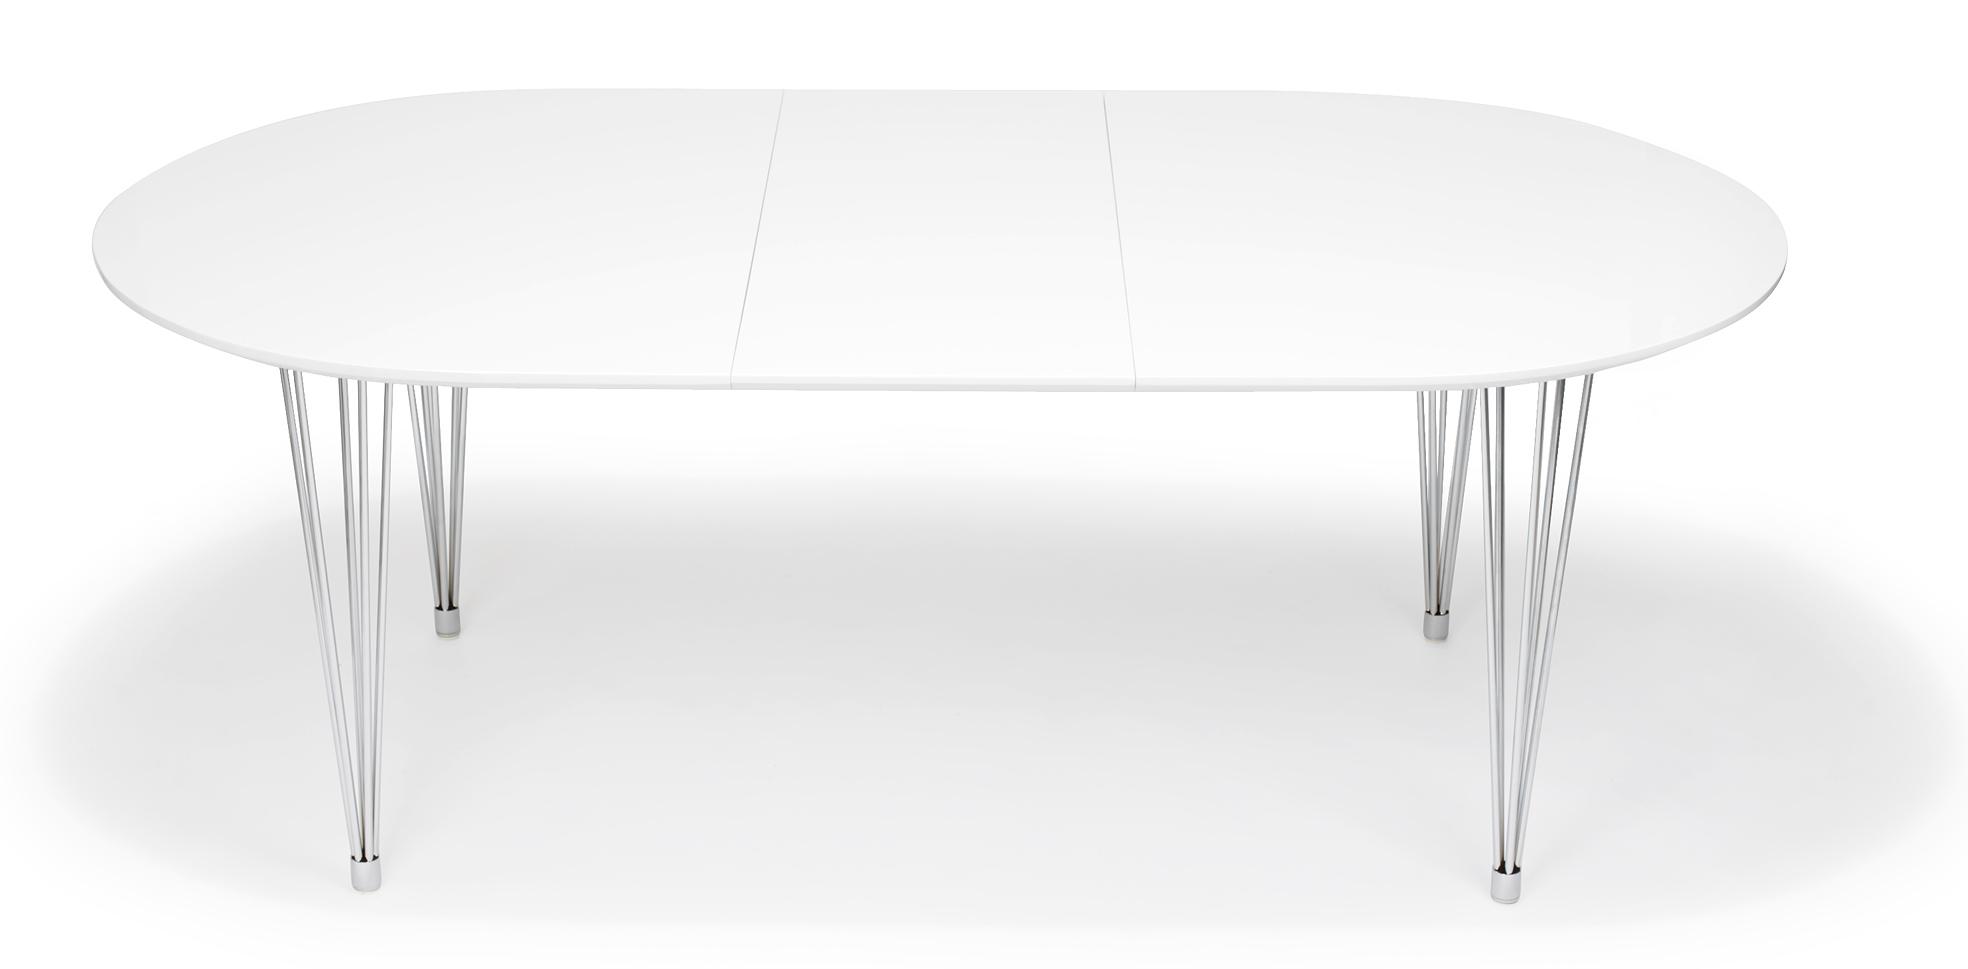 Vitt Koksbord : vitt koksbord  koksbord,vitt,matplats,pinnstol,secondhand,runt bord